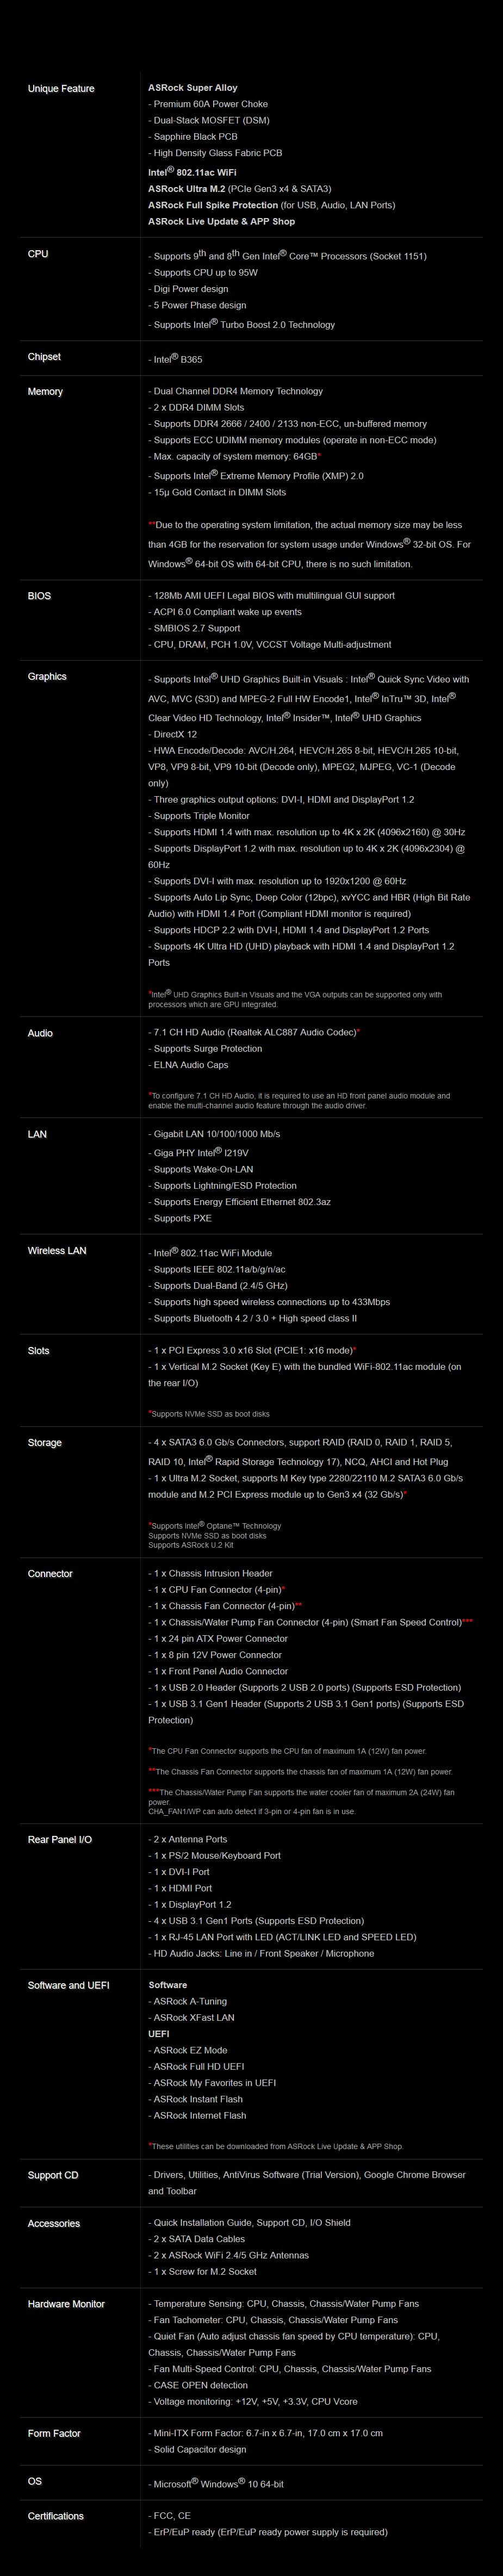 ASRock B365M-ITX/ac LGA 1151 Mini-ITX Motherboard - Desktop Overview 2